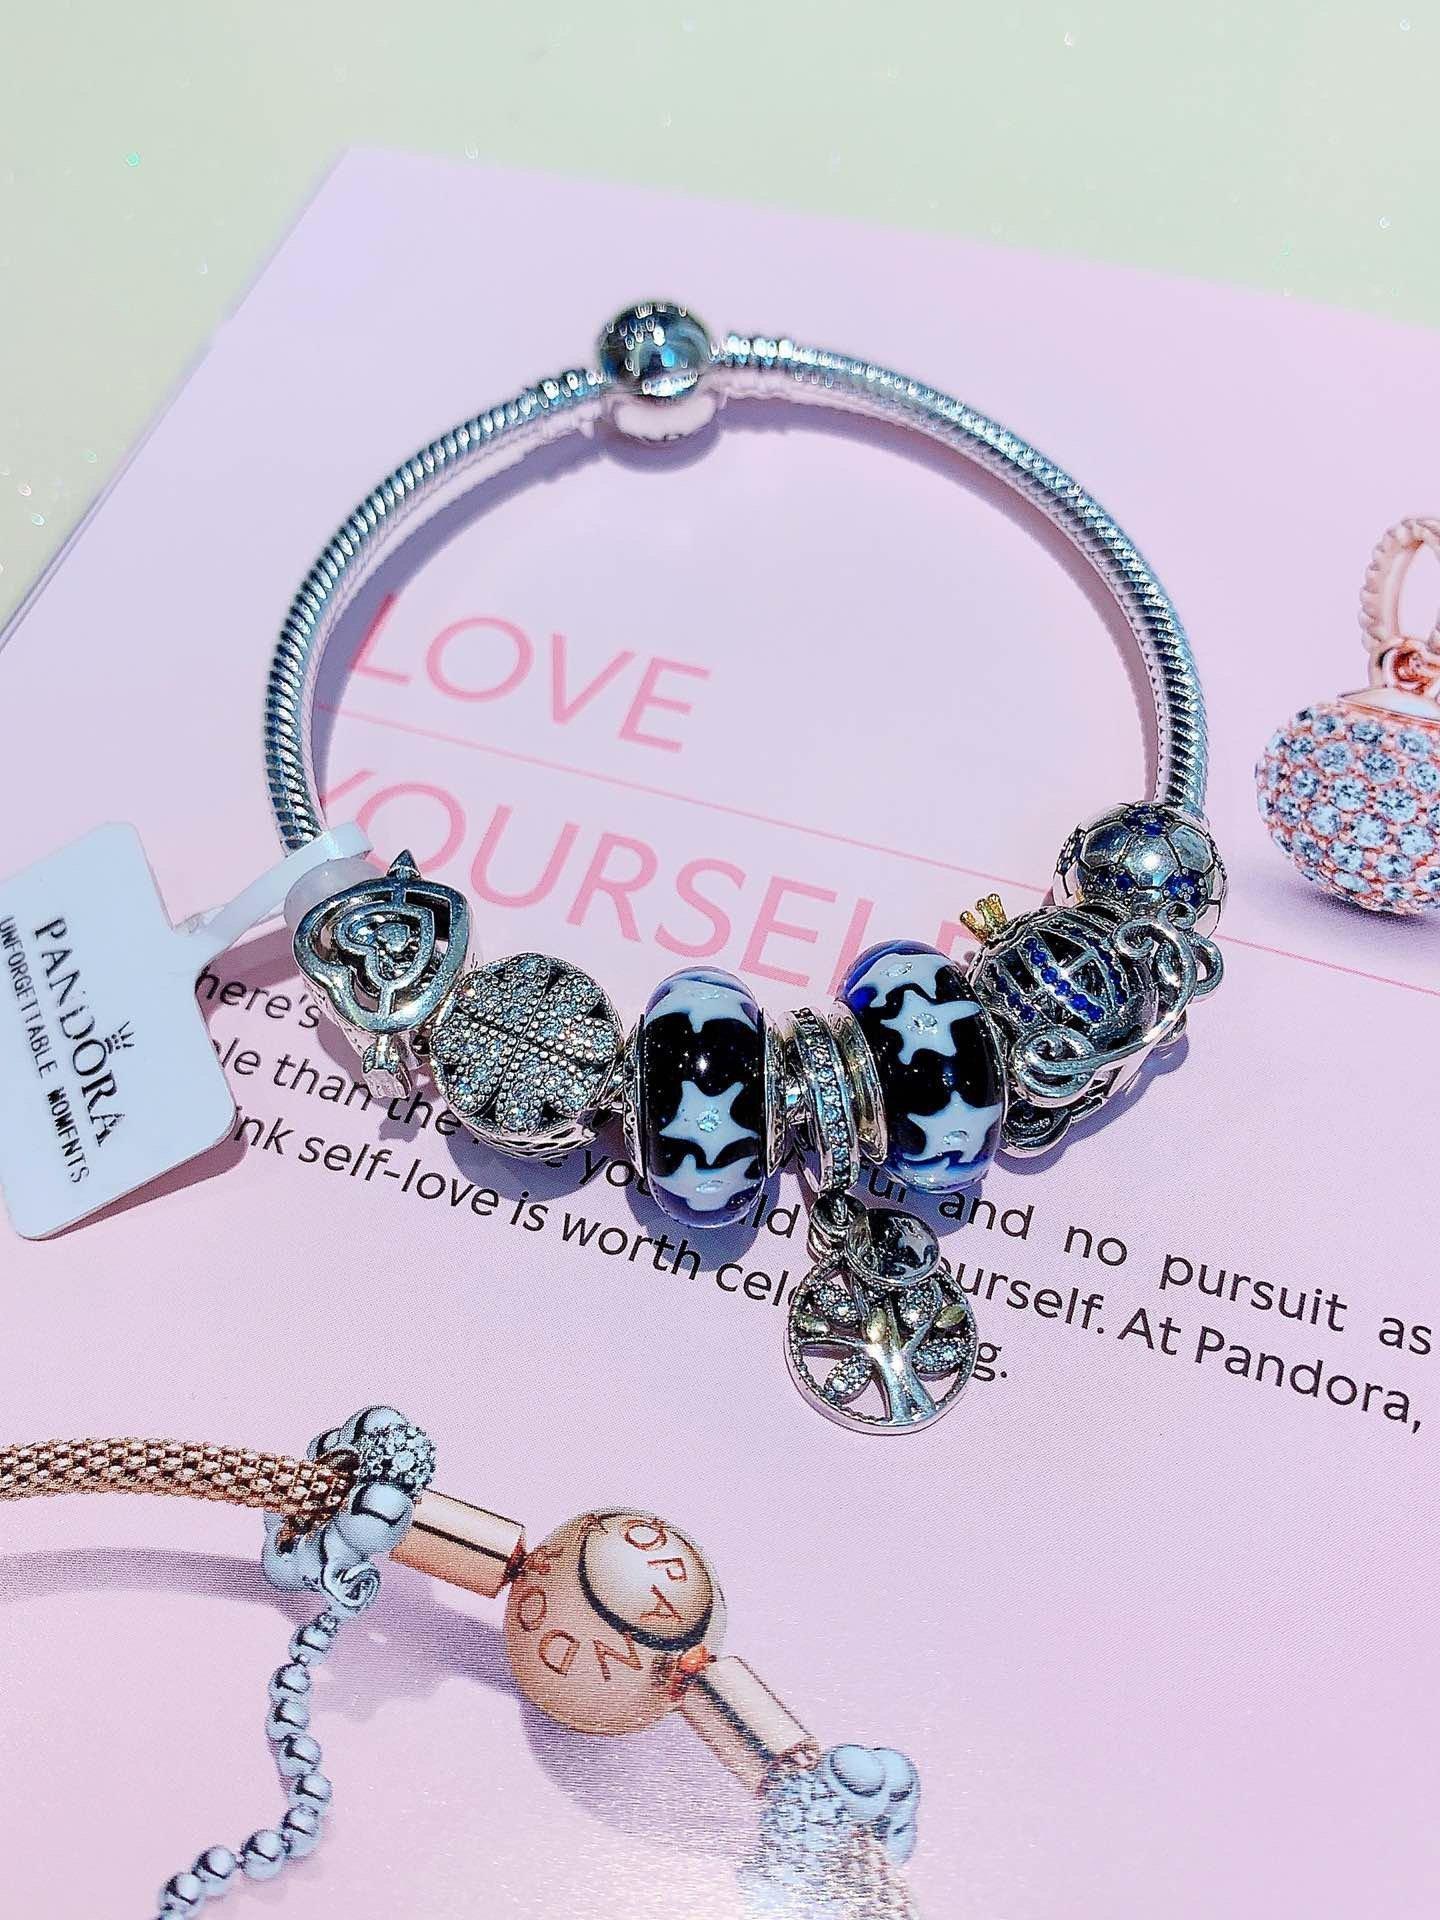 2020 de calidad superior las mujeres pulsera mujeres manera de la joyería pulsera de cadena de accesorios de buena gifts1C2L